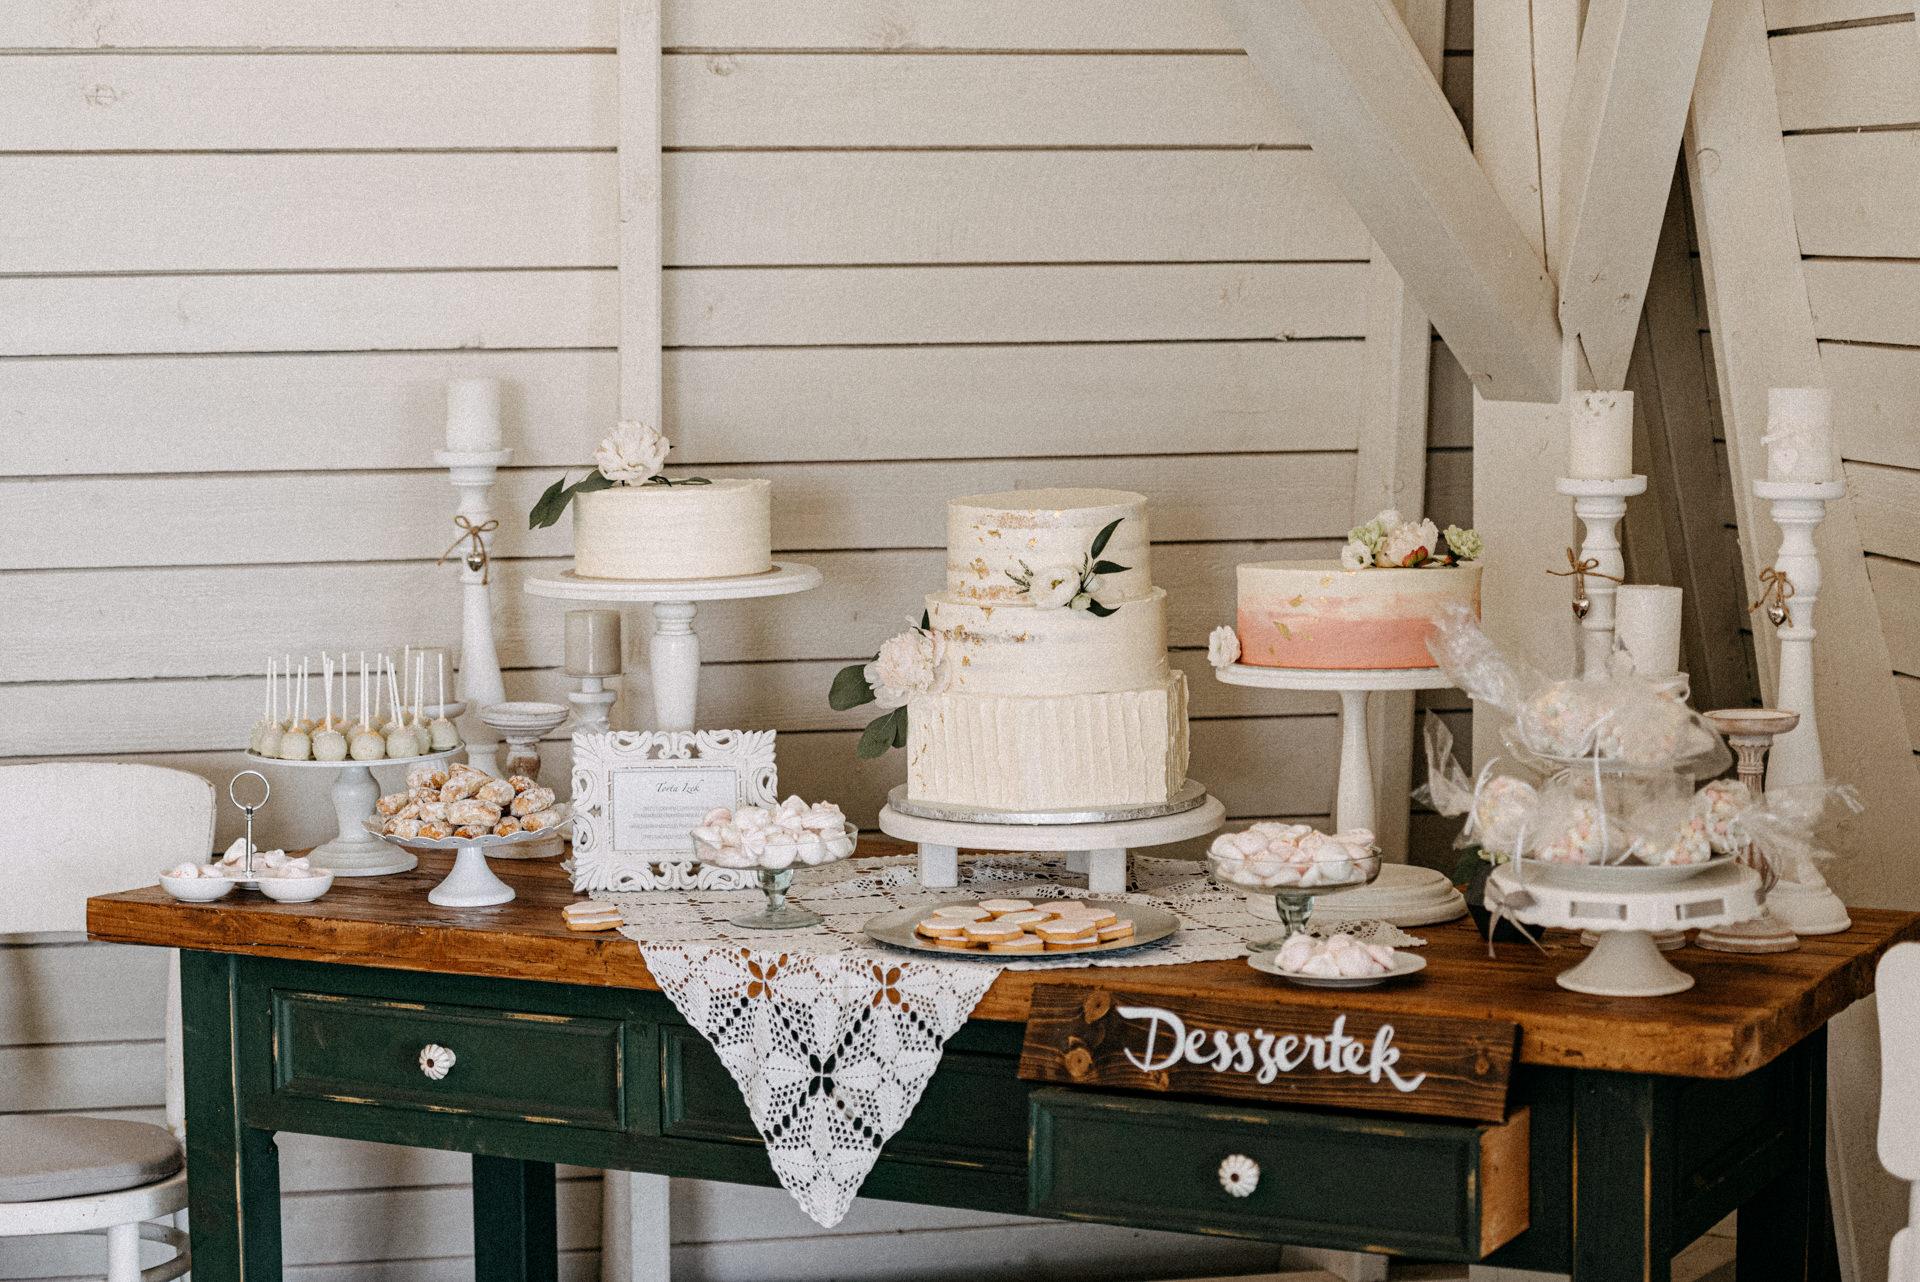 baberliget kuria eskuvo desszert desszartasztal sutemeny torta